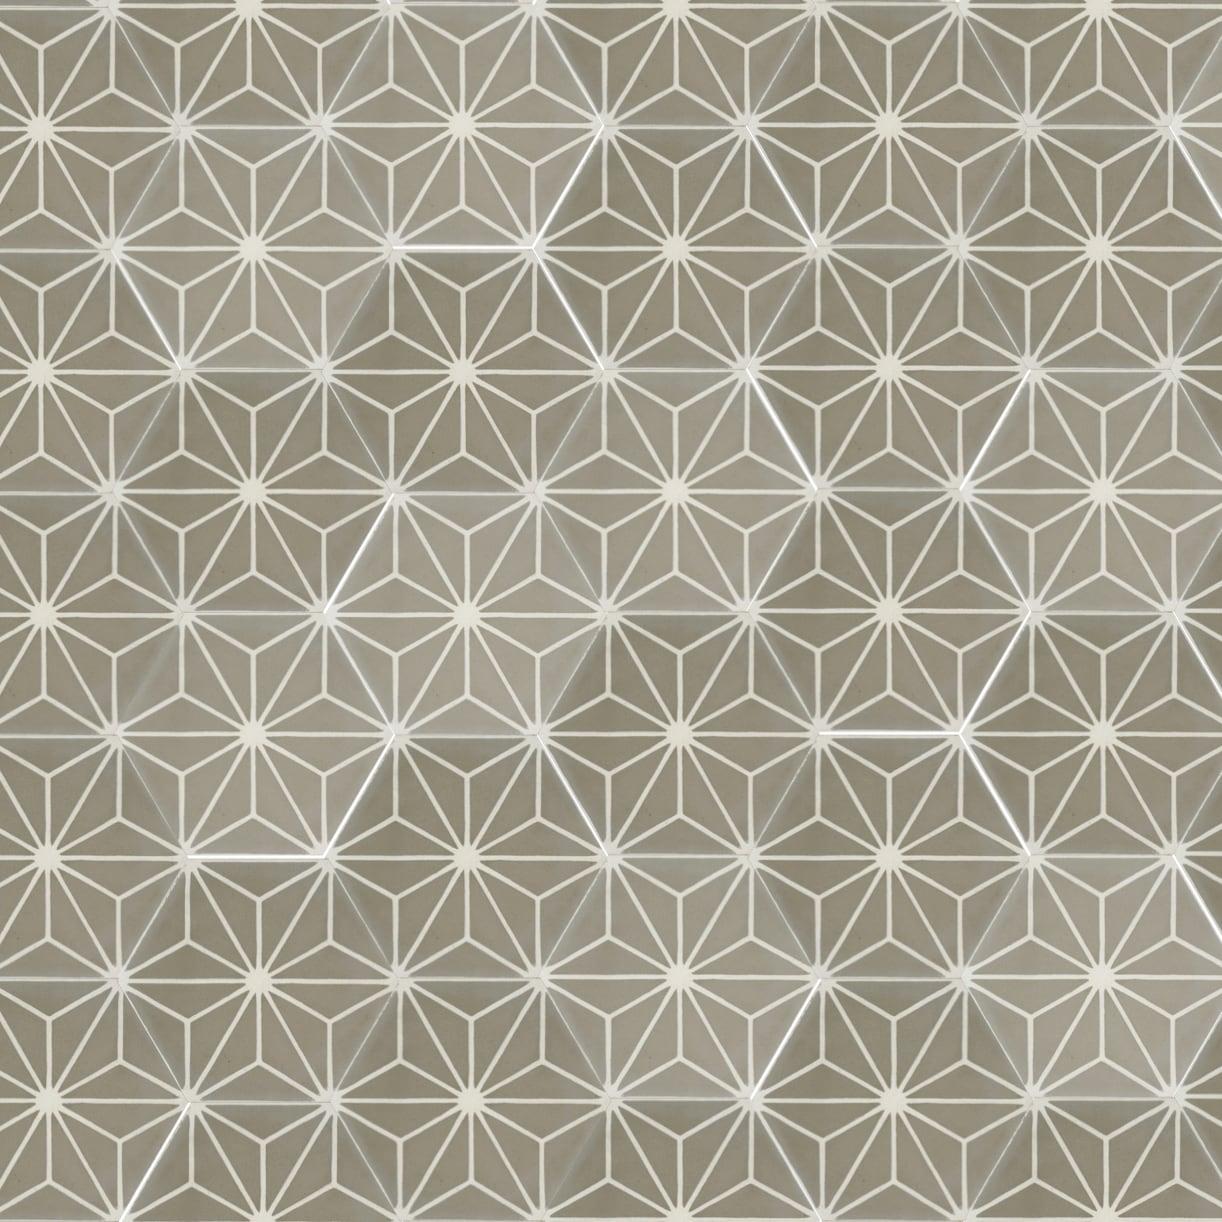 zementmosaikfliesen-nr.600654-viaplatten | 600654